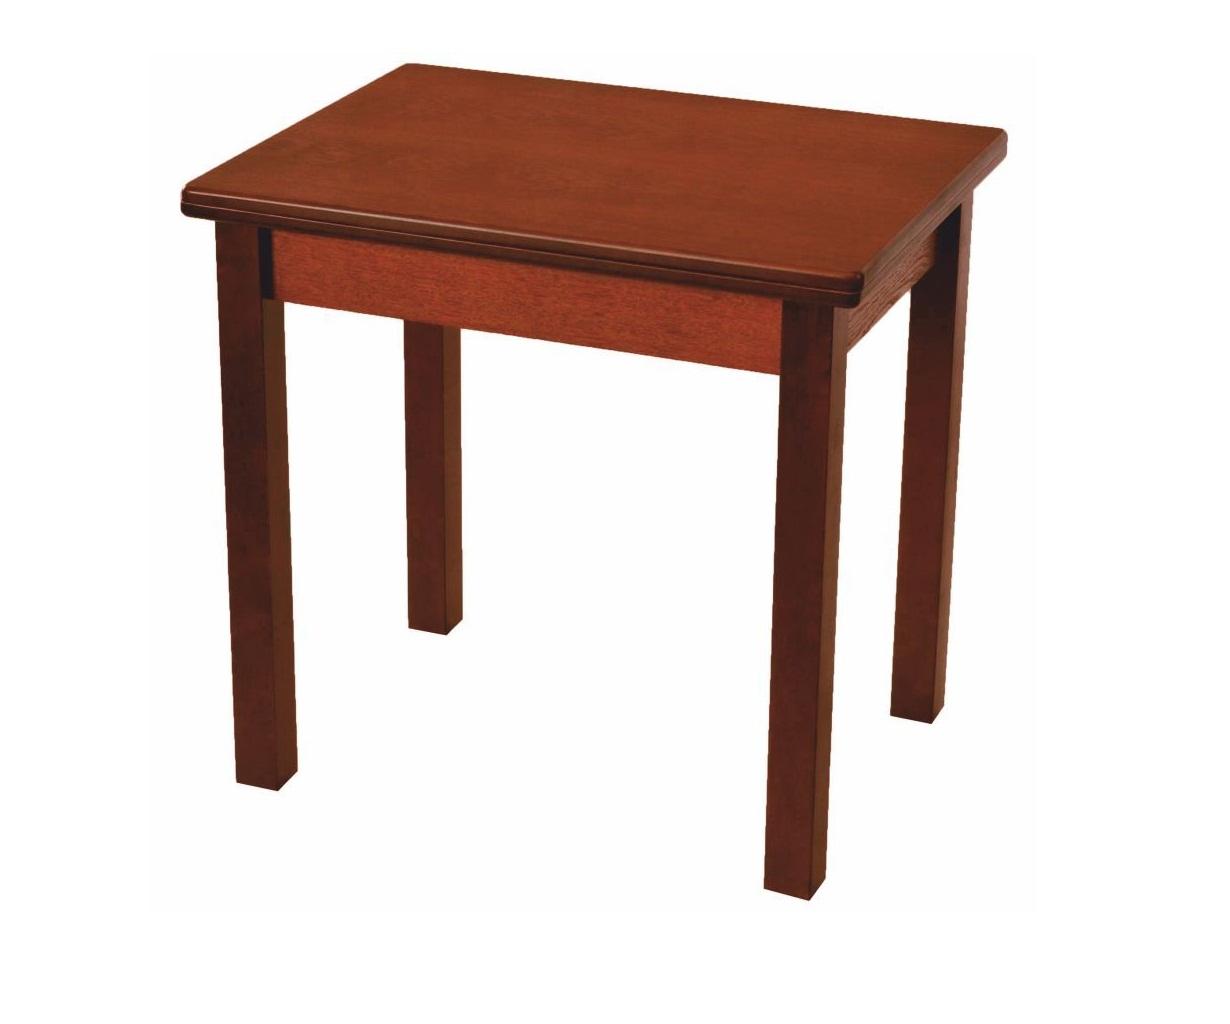 Стол для маленькой кухни 80х60 см., коньяк, дерево (арт. М4255)